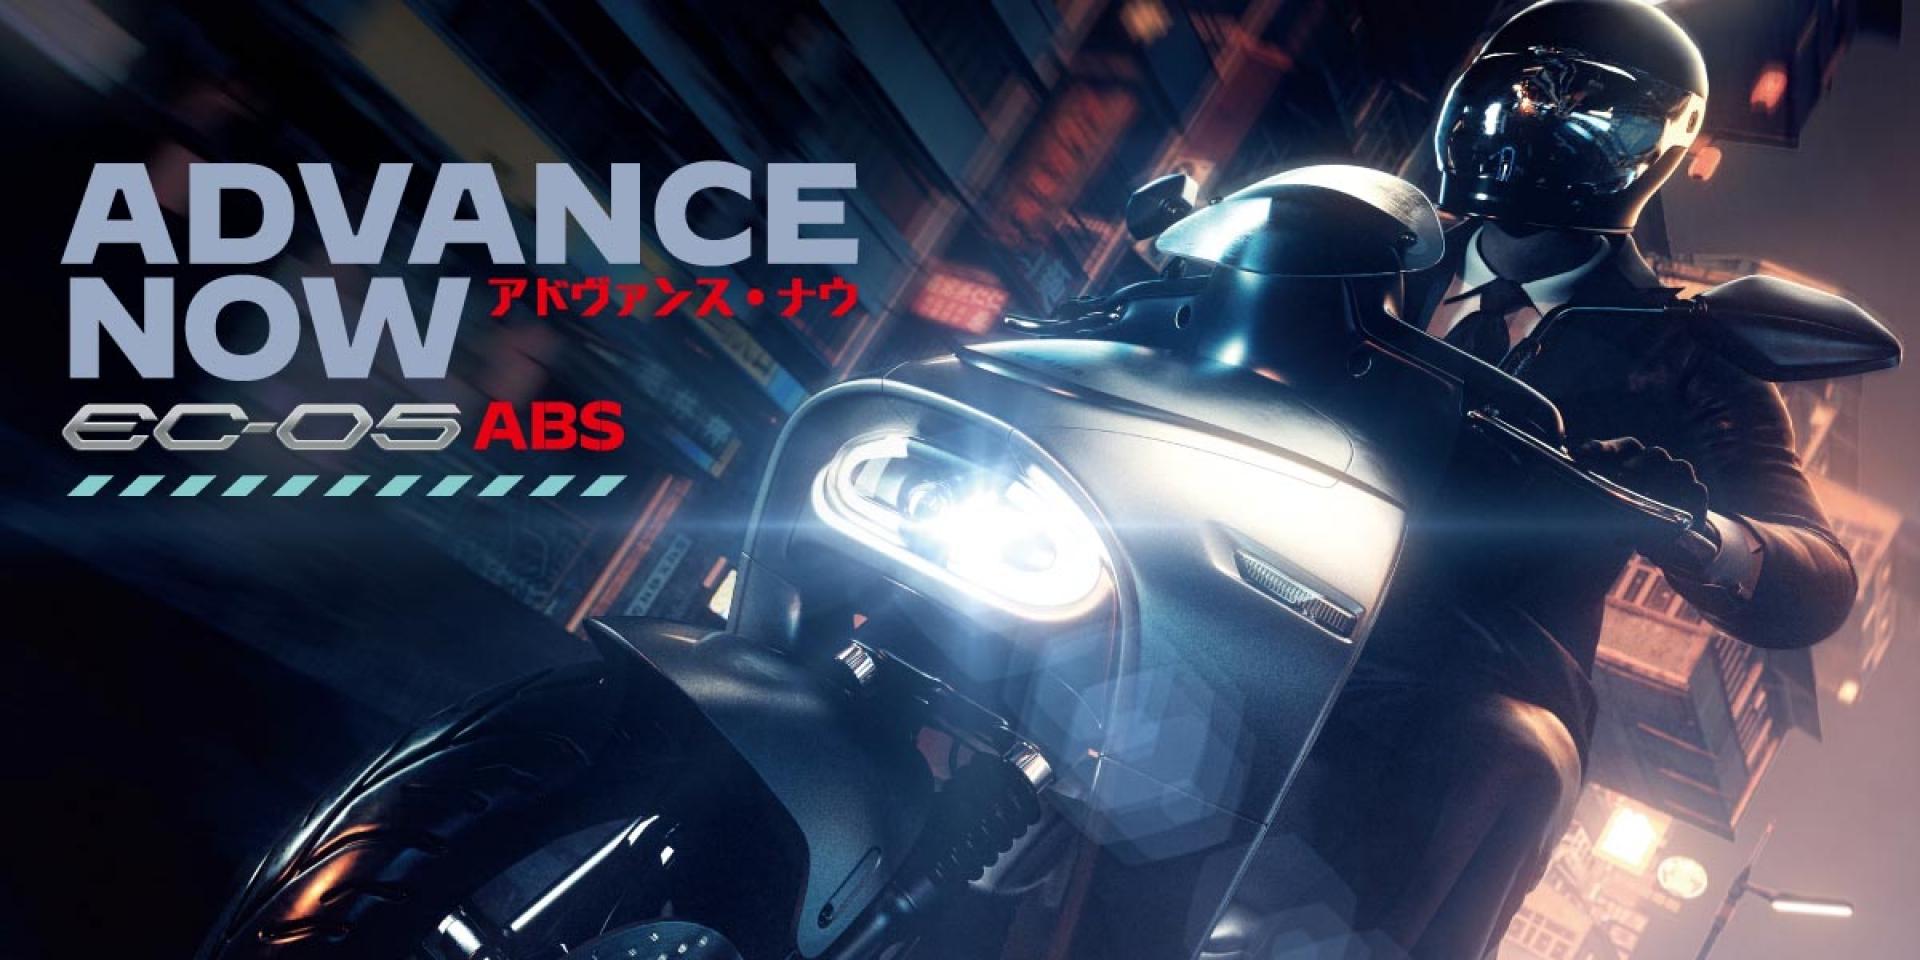 官方新聞稿。YAMAHA電動機車EC-05 ABS版全新上市 UBS/ABS雙版本同步販售